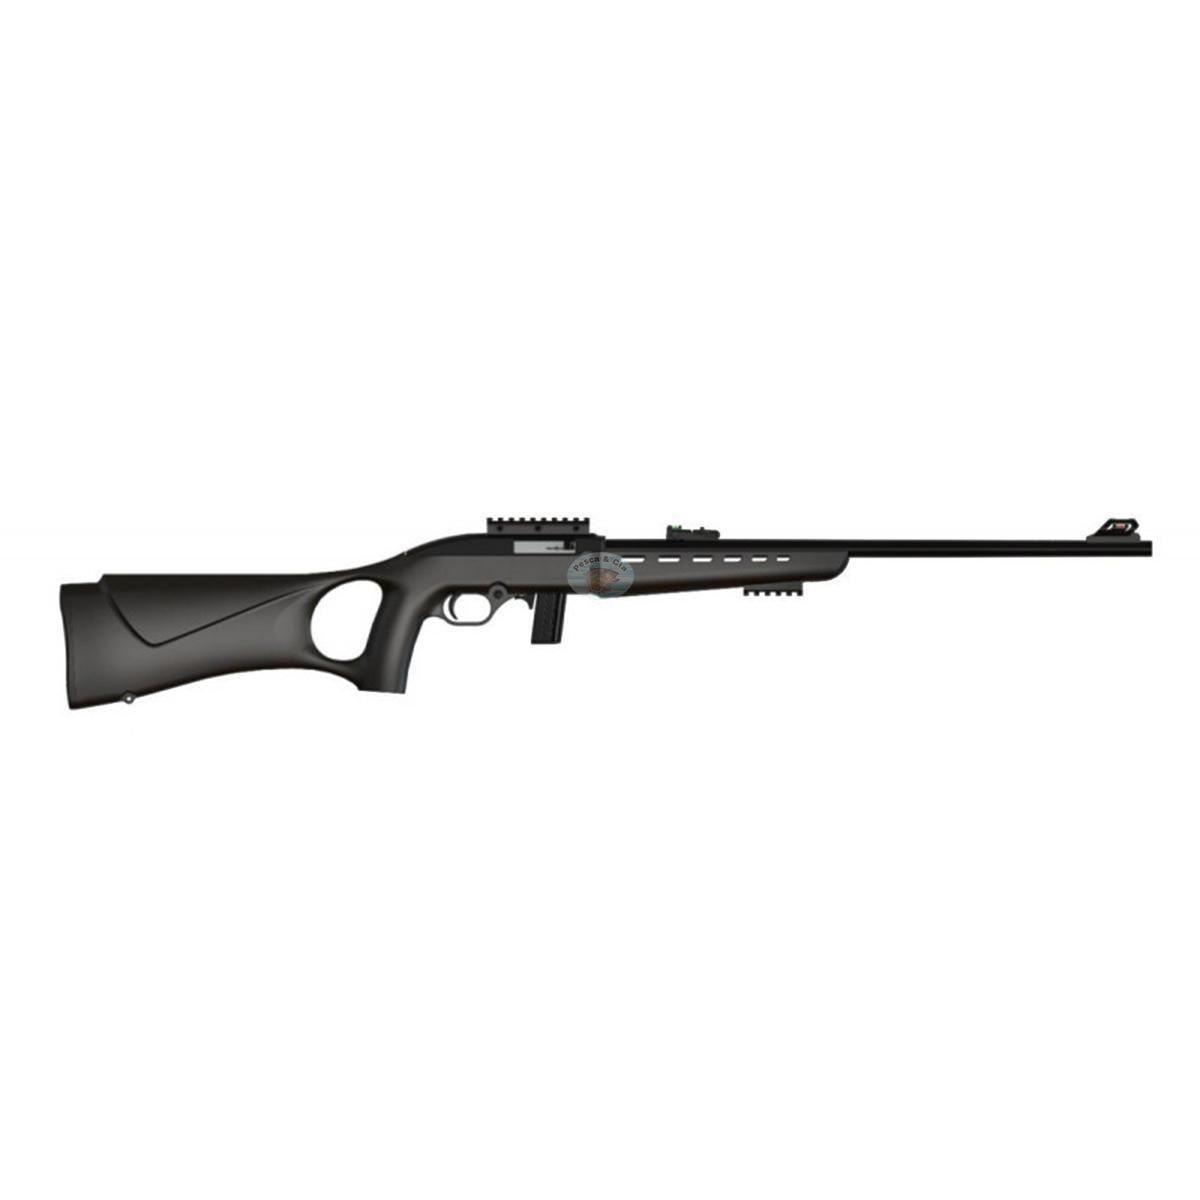 """Rifle CBC 7022 Way Cal. 22LR Semi-Automatico 10 Tiros - Cano 21"""" + **LUNETA BRINDE**"""